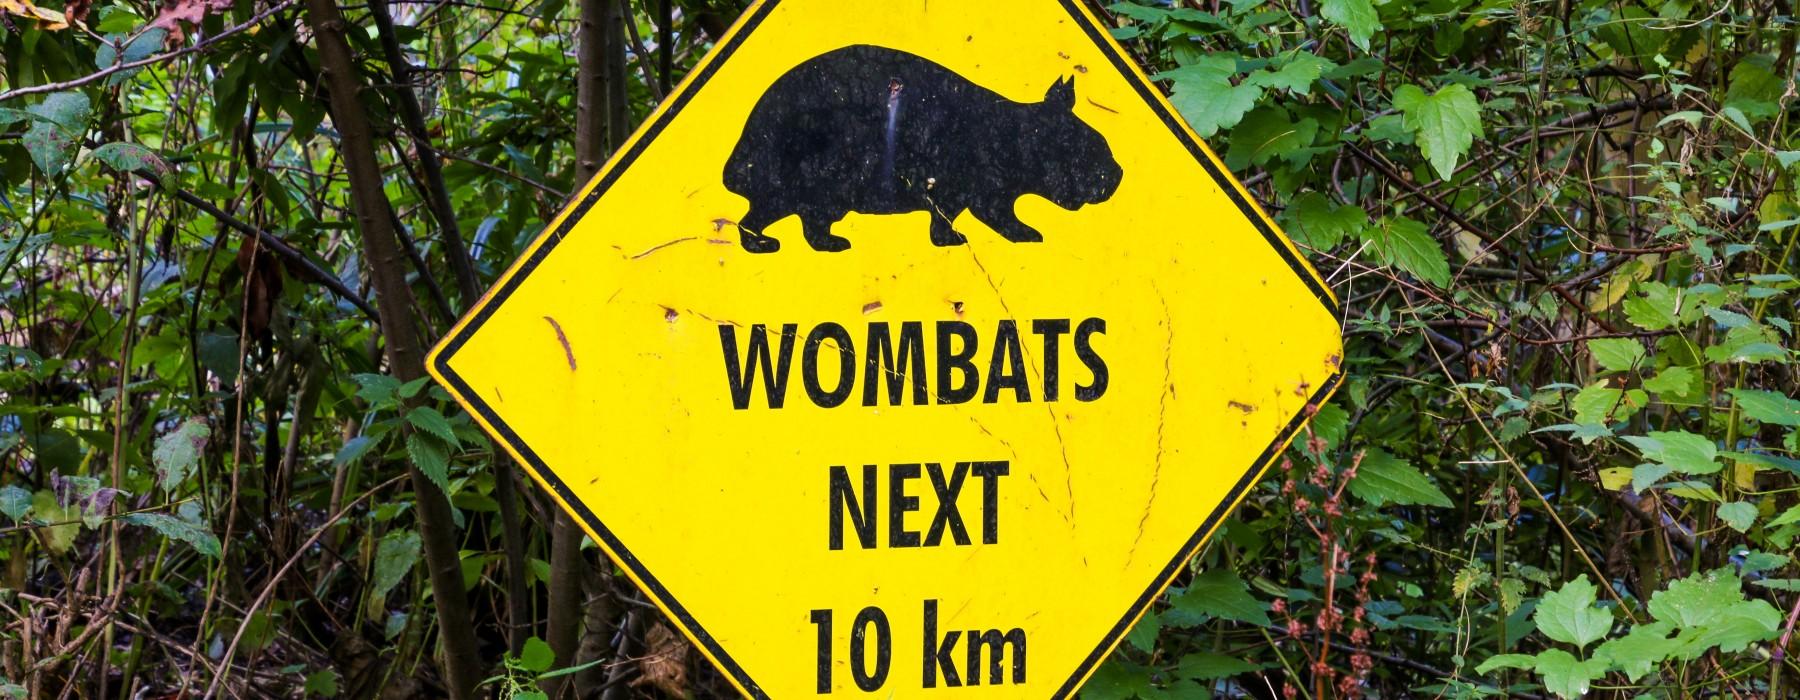 Podano do łóżka #43: A gdyby tak rzucić wszystko i przytulać wombaty?